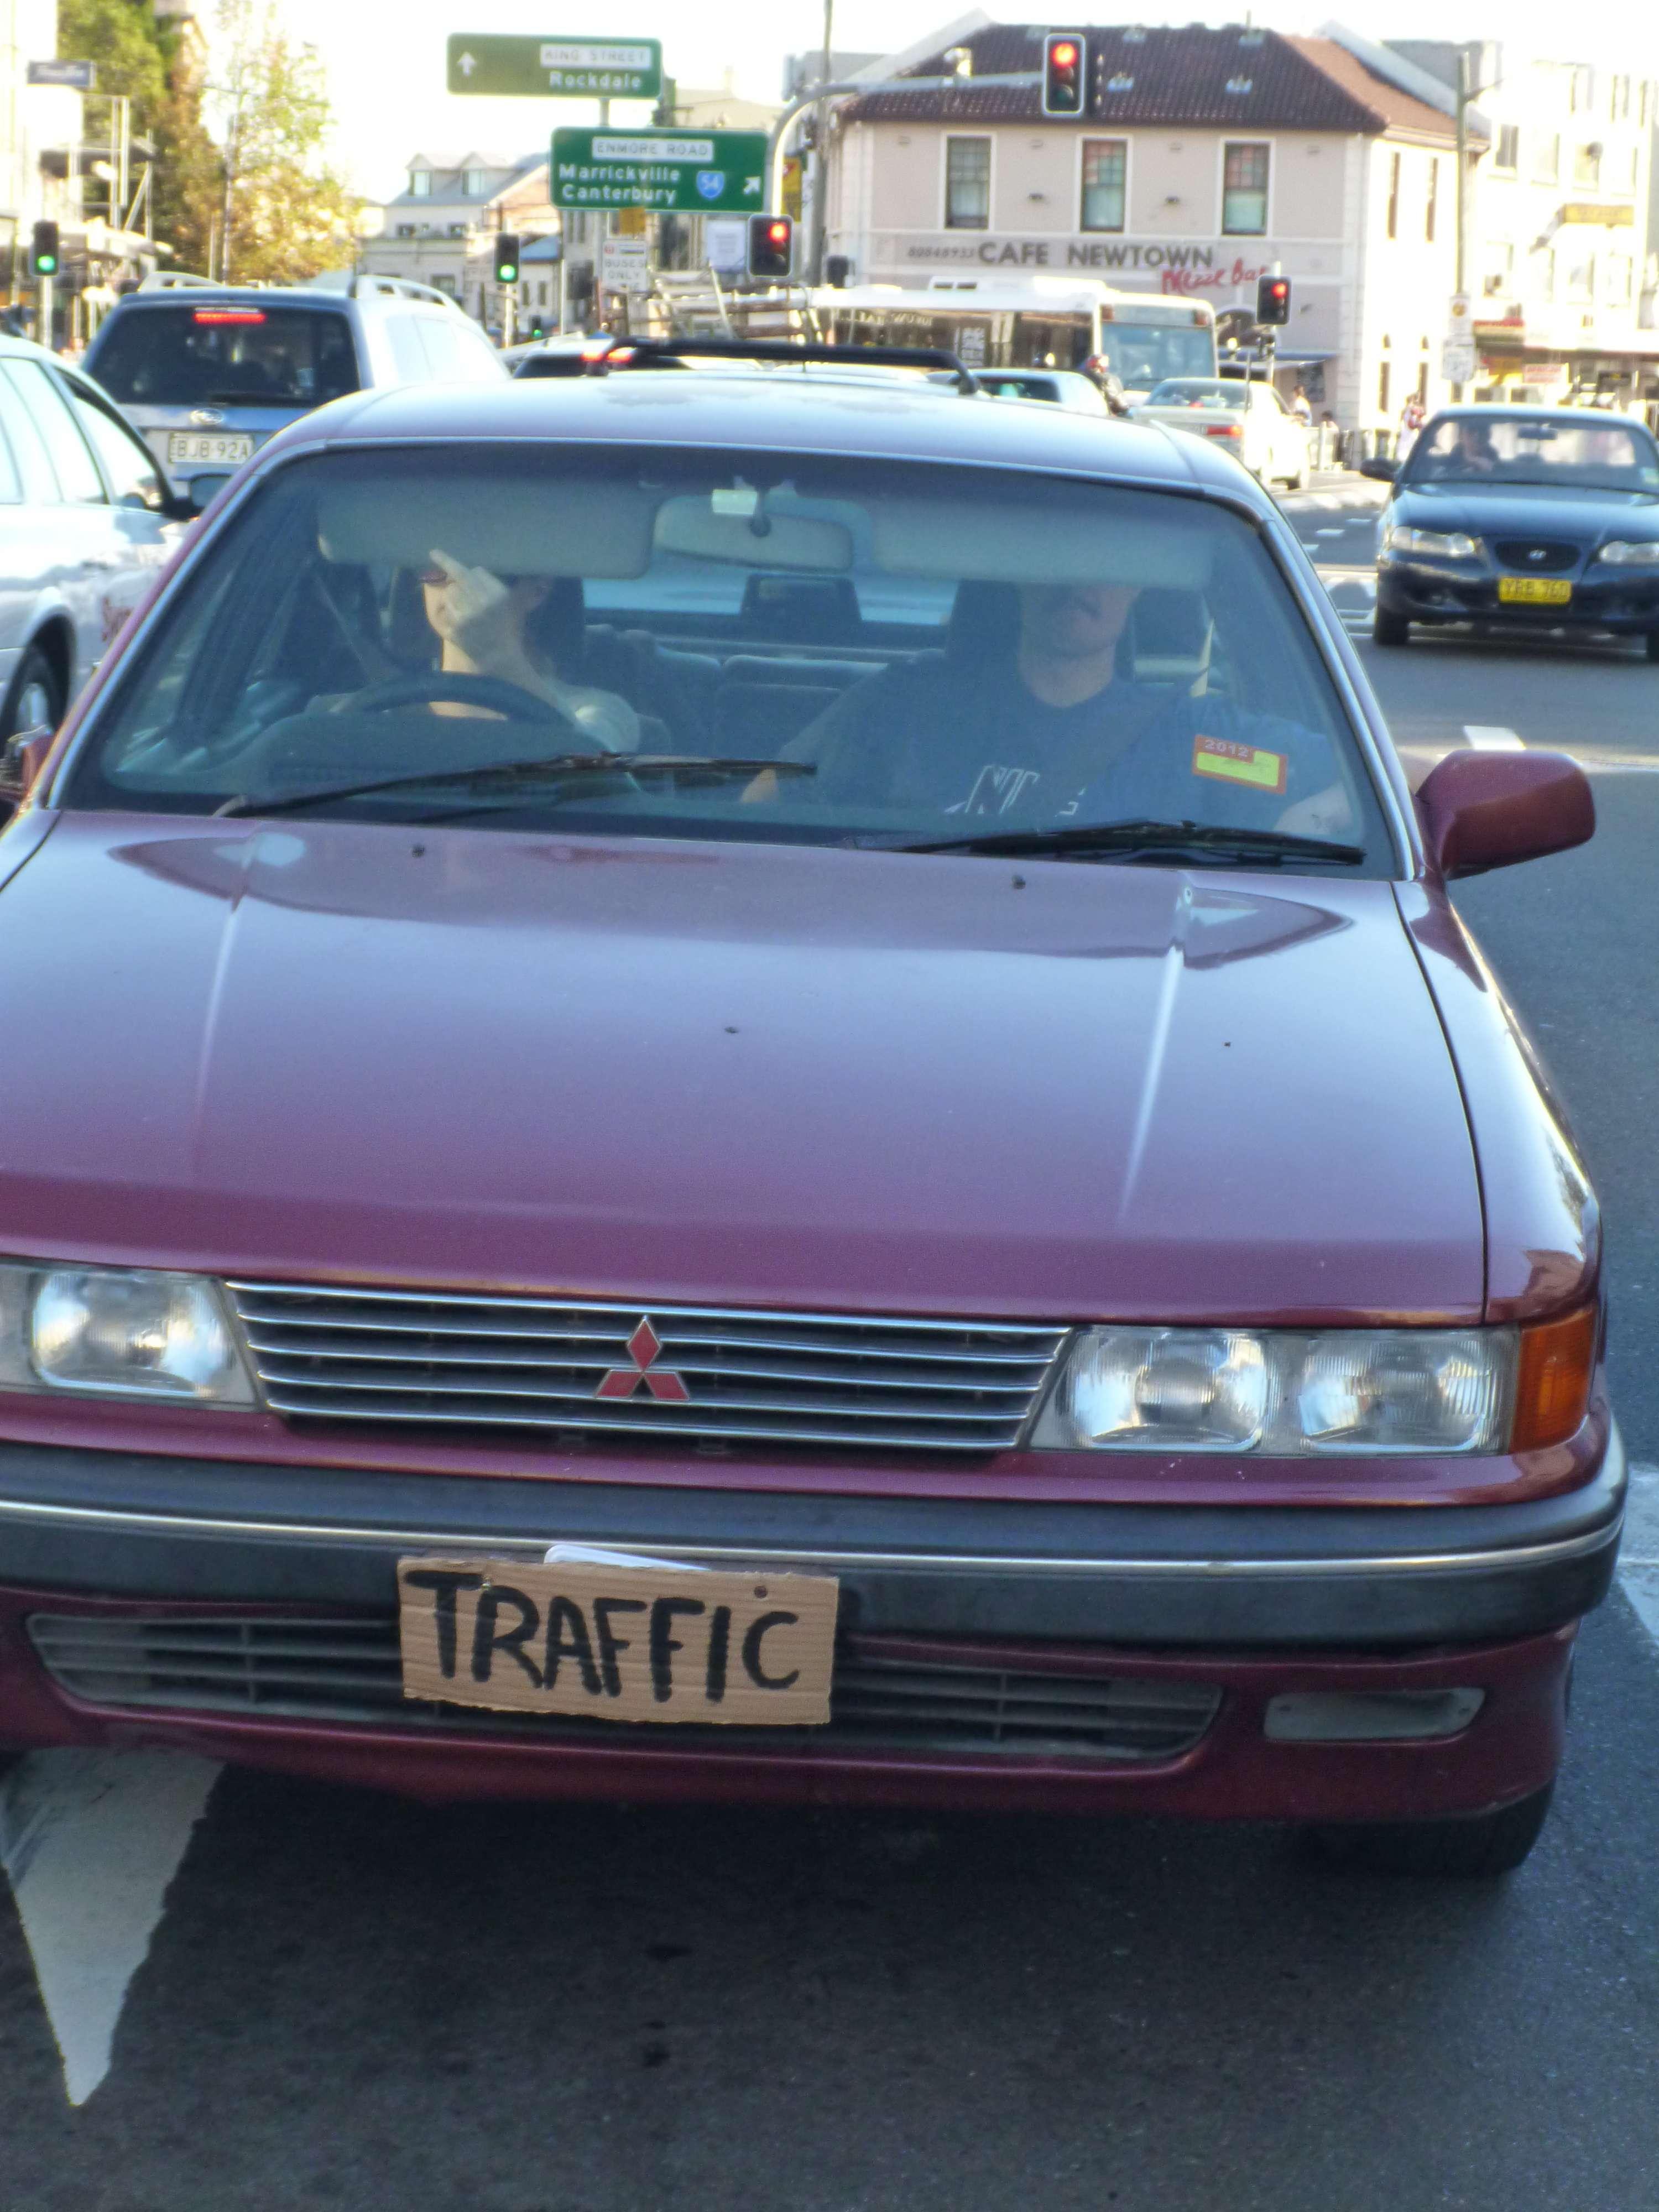 Do you know this car?